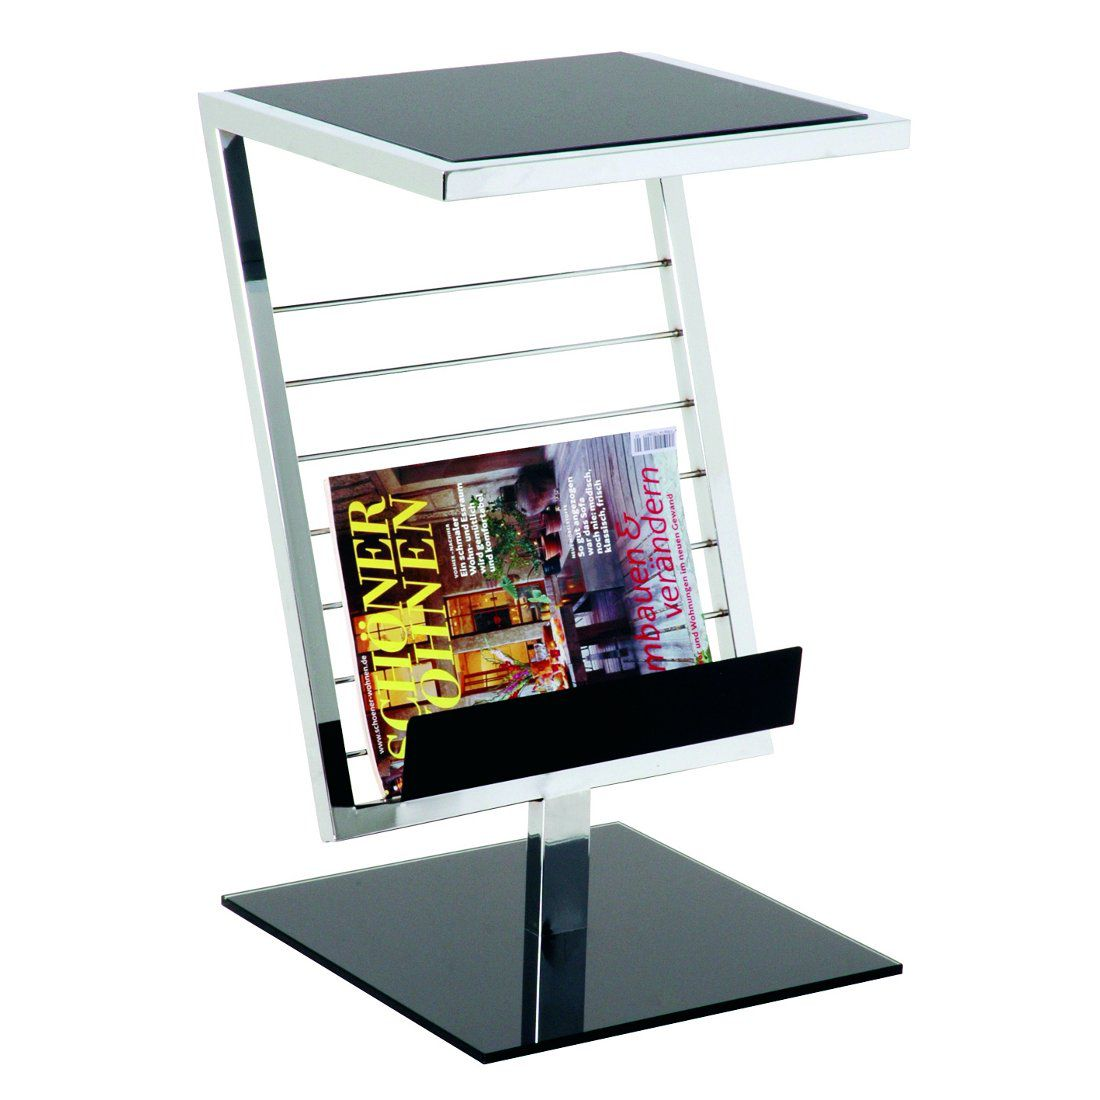 Beistelltisch glas preisvergleich die besten angebote for Beistelltisch design glas